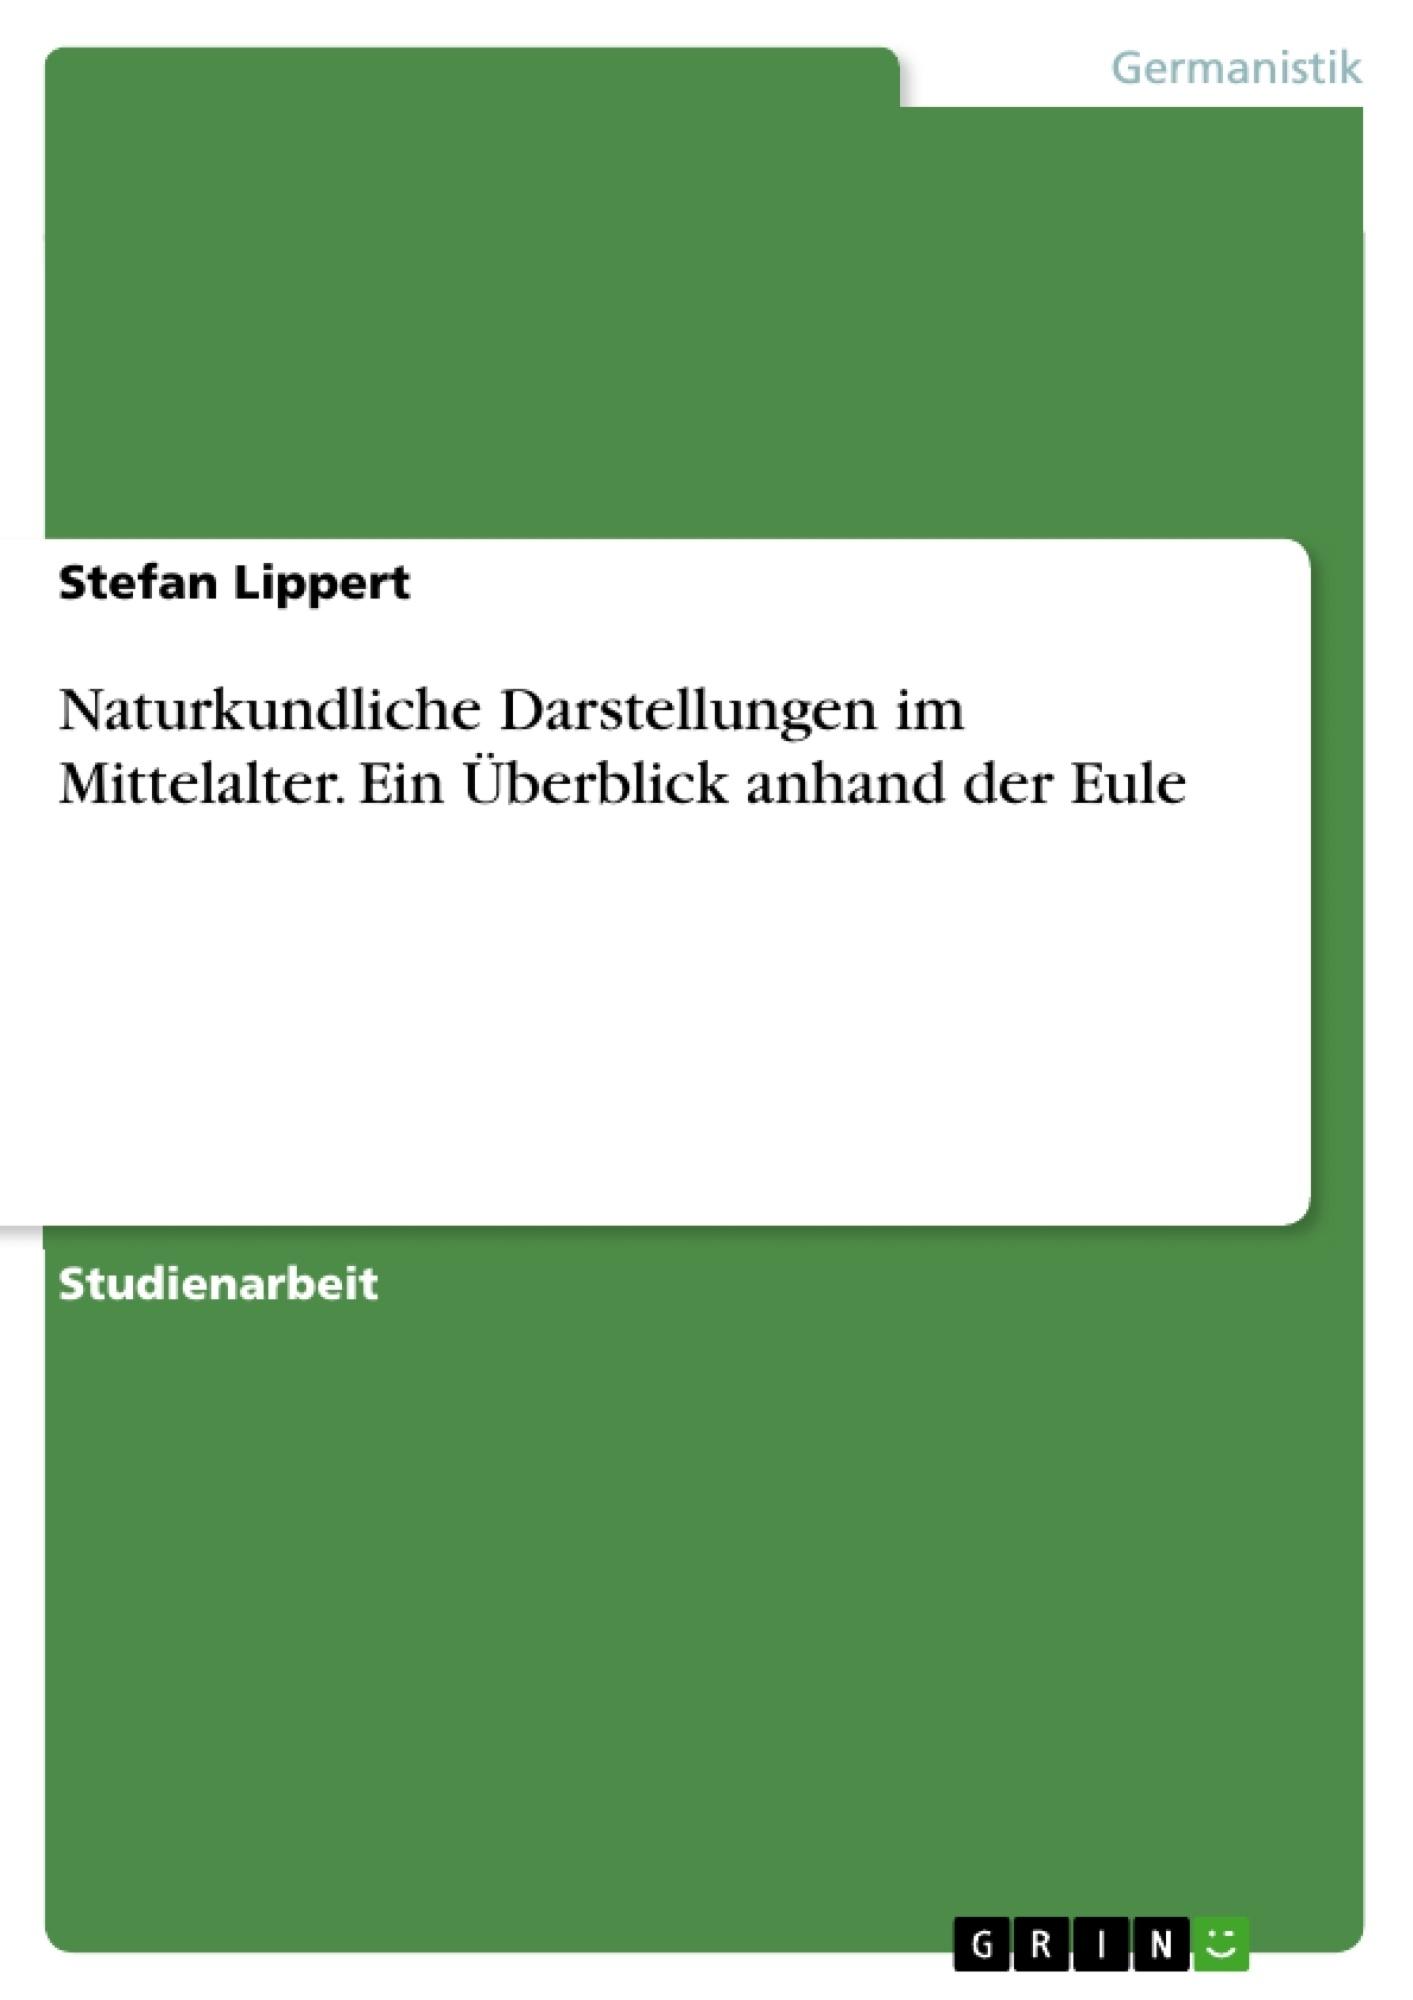 Titel: Naturkundliche Darstellungen im Mittelalter. Ein Überblick anhand der Eule